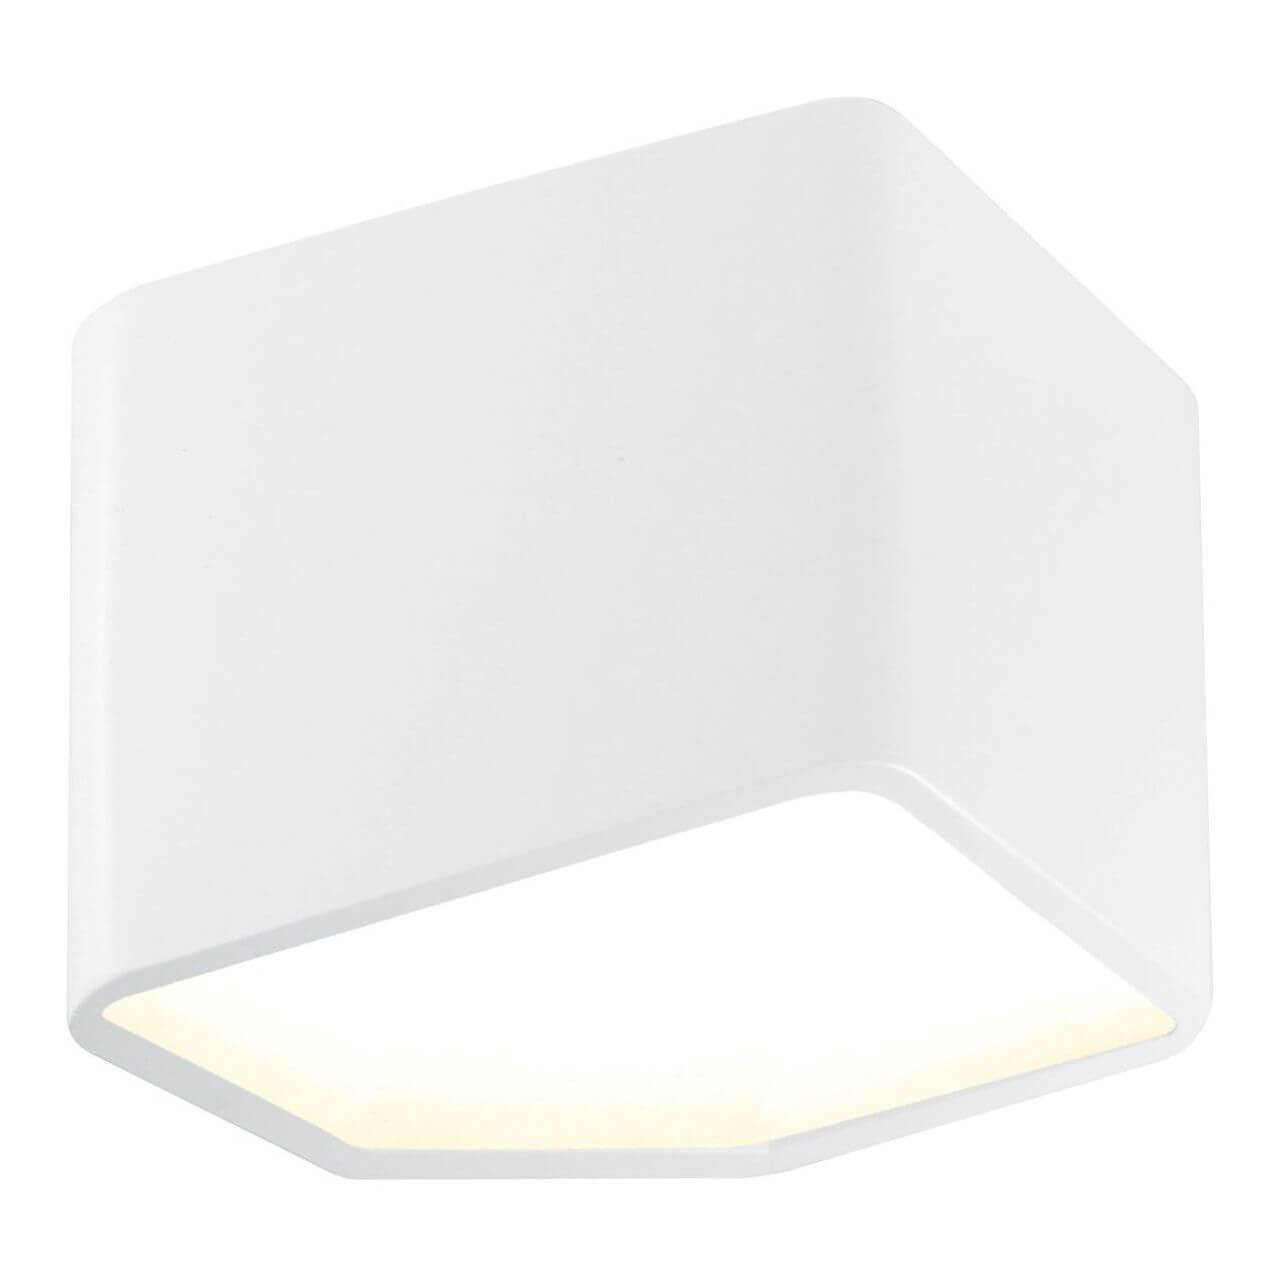 Настенный светодиодный светильник Britop Space 1120102